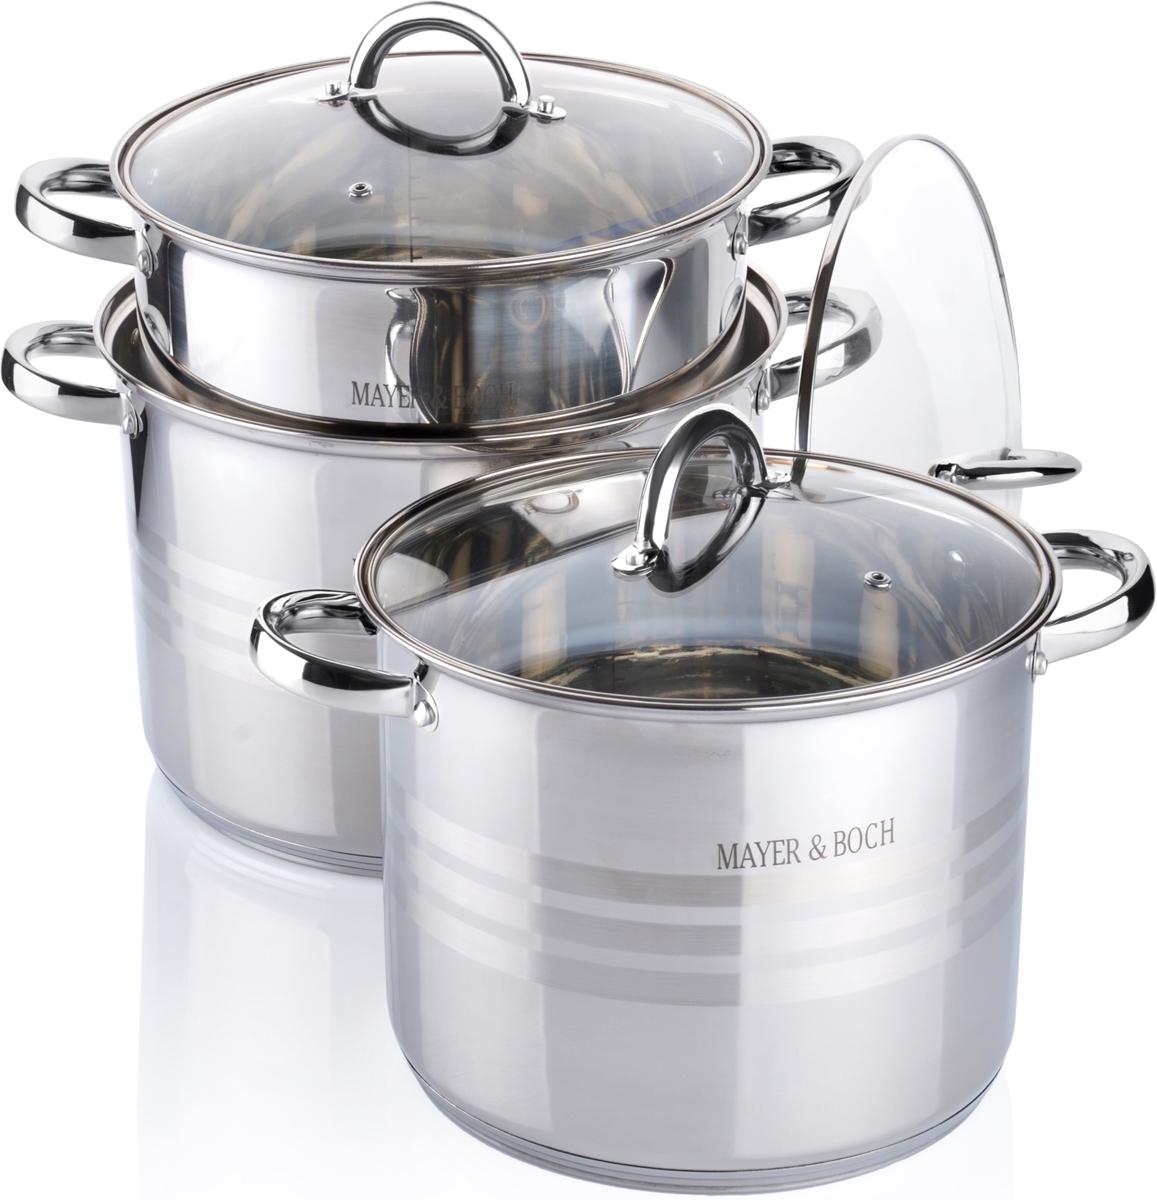 Набор посуды Mayer & Boch, 6 предметов. 26698 набор посуды mayer